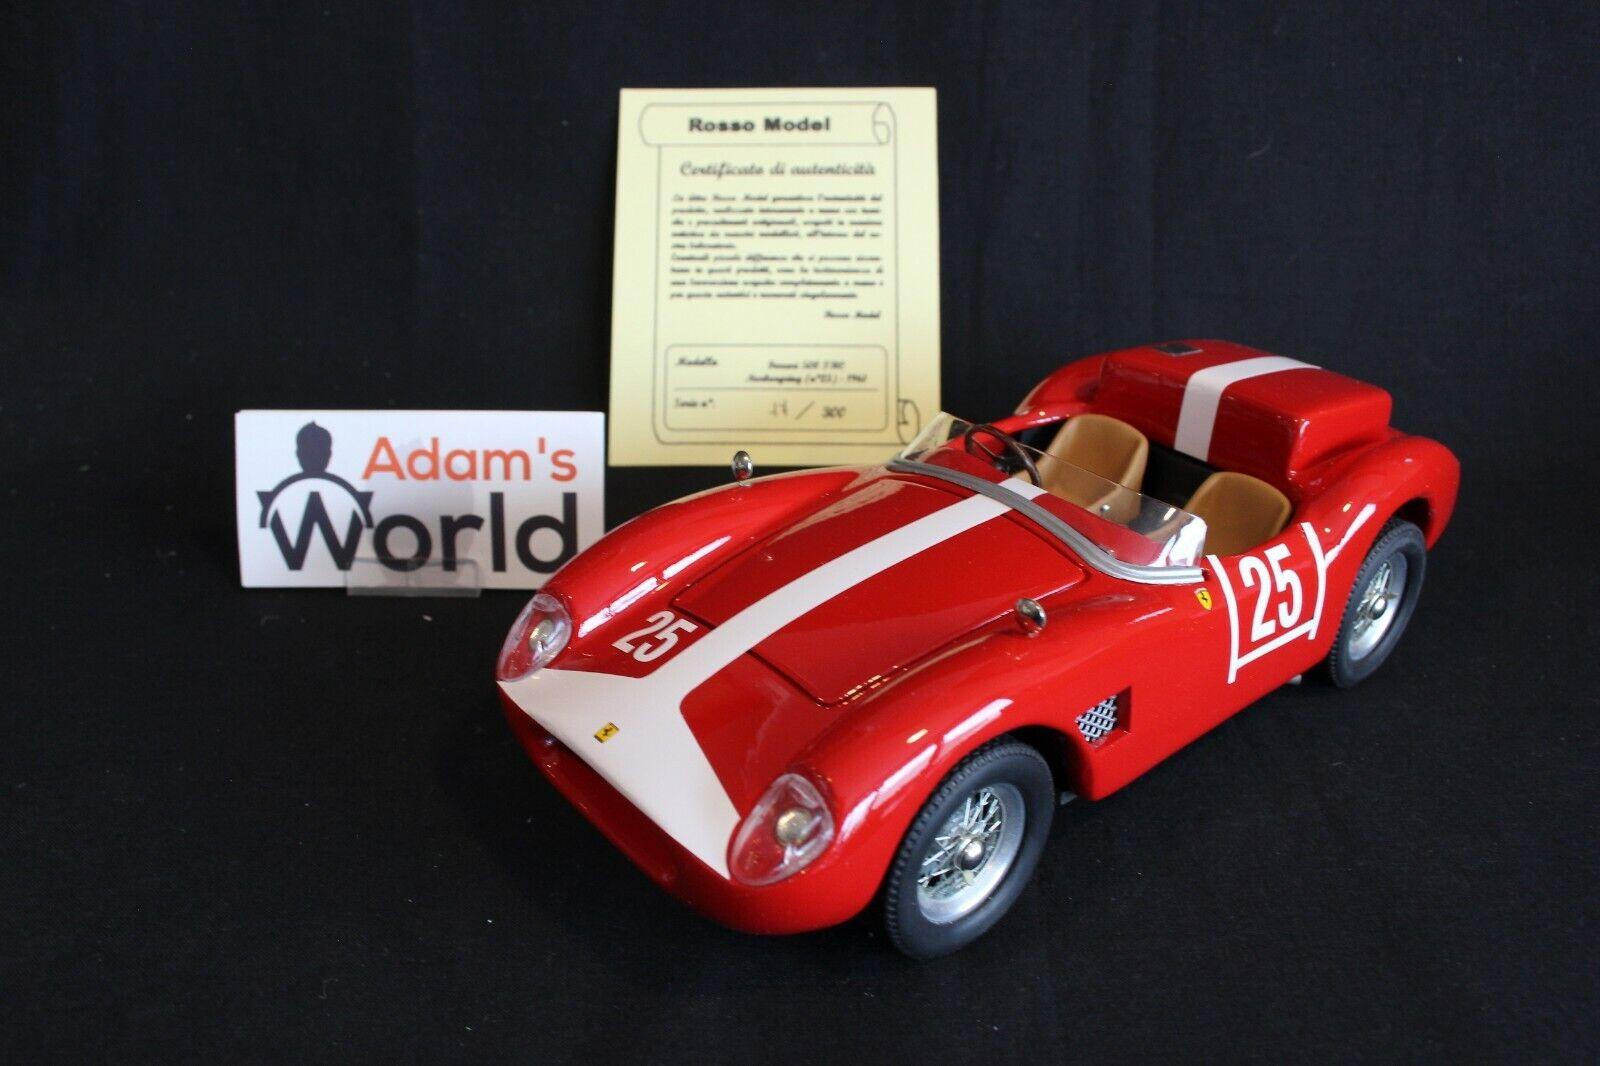 Rosso Model Ferrari 500 TRC 1961 1 18  25 Siffert   Liebl Nürburgring (PJBB)